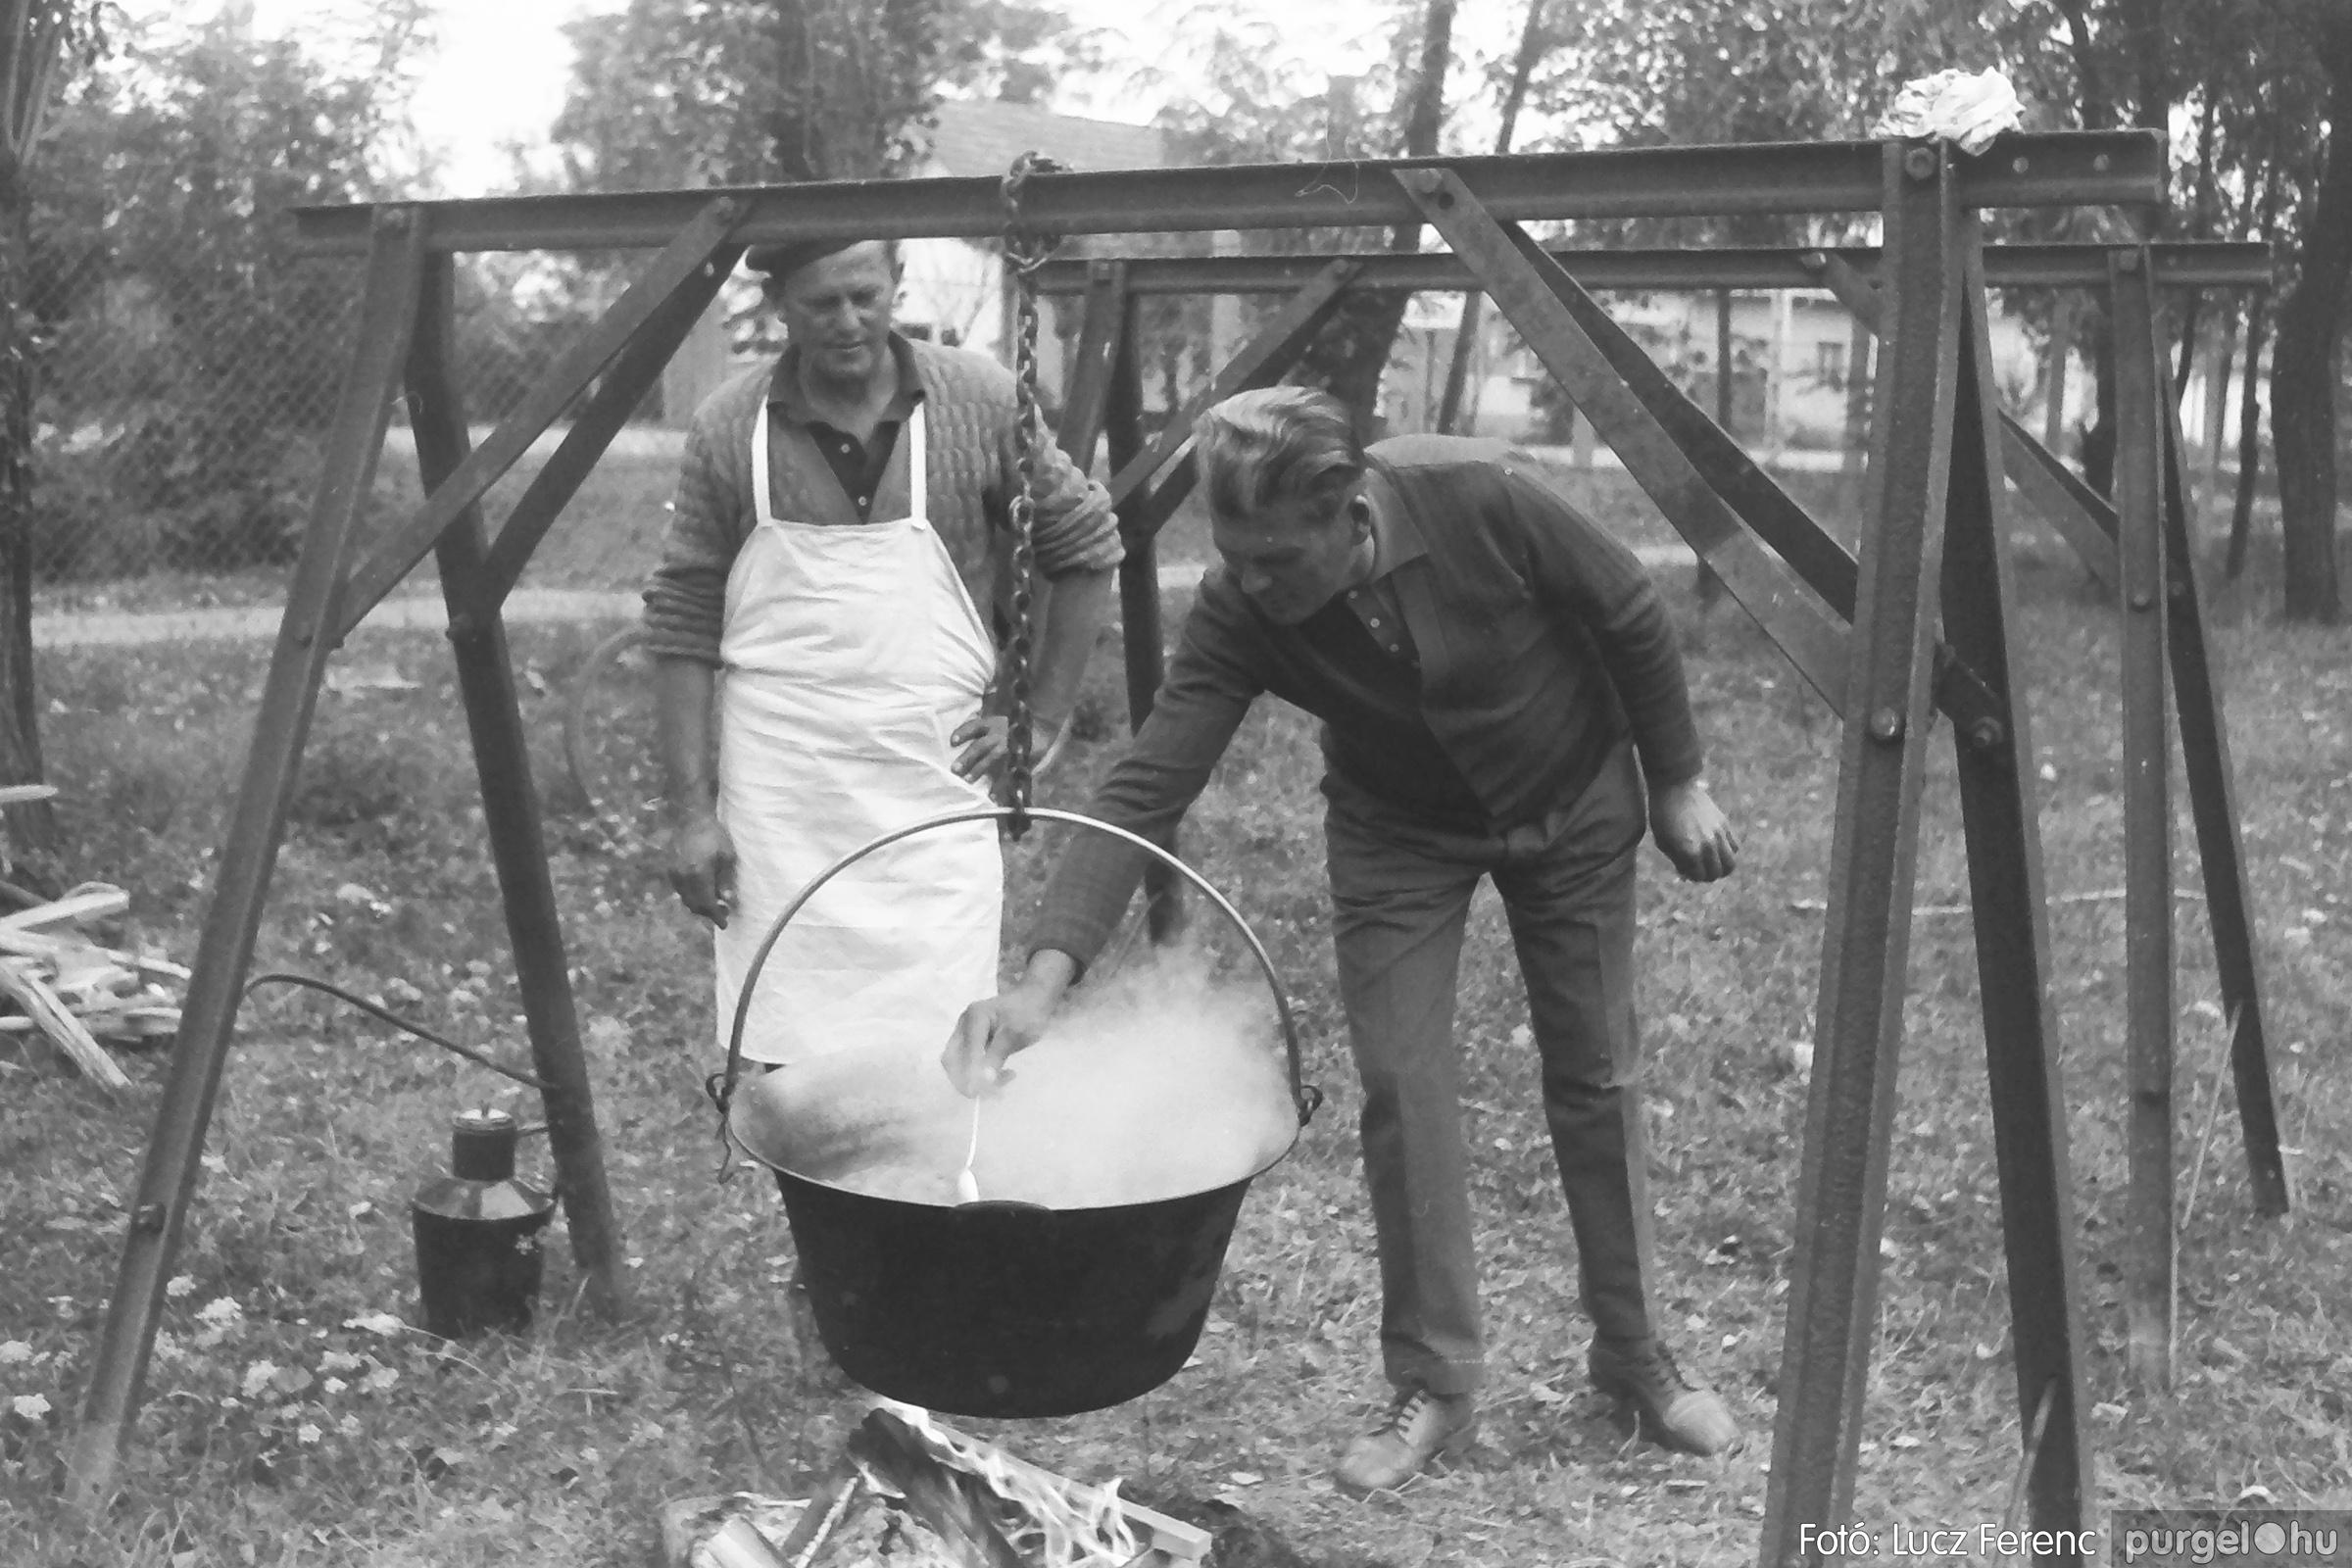 088A. 1977. Nyugdíjas találkozó a Kendergyárban 004. - Fotó: Lucz Ferenc.jpg